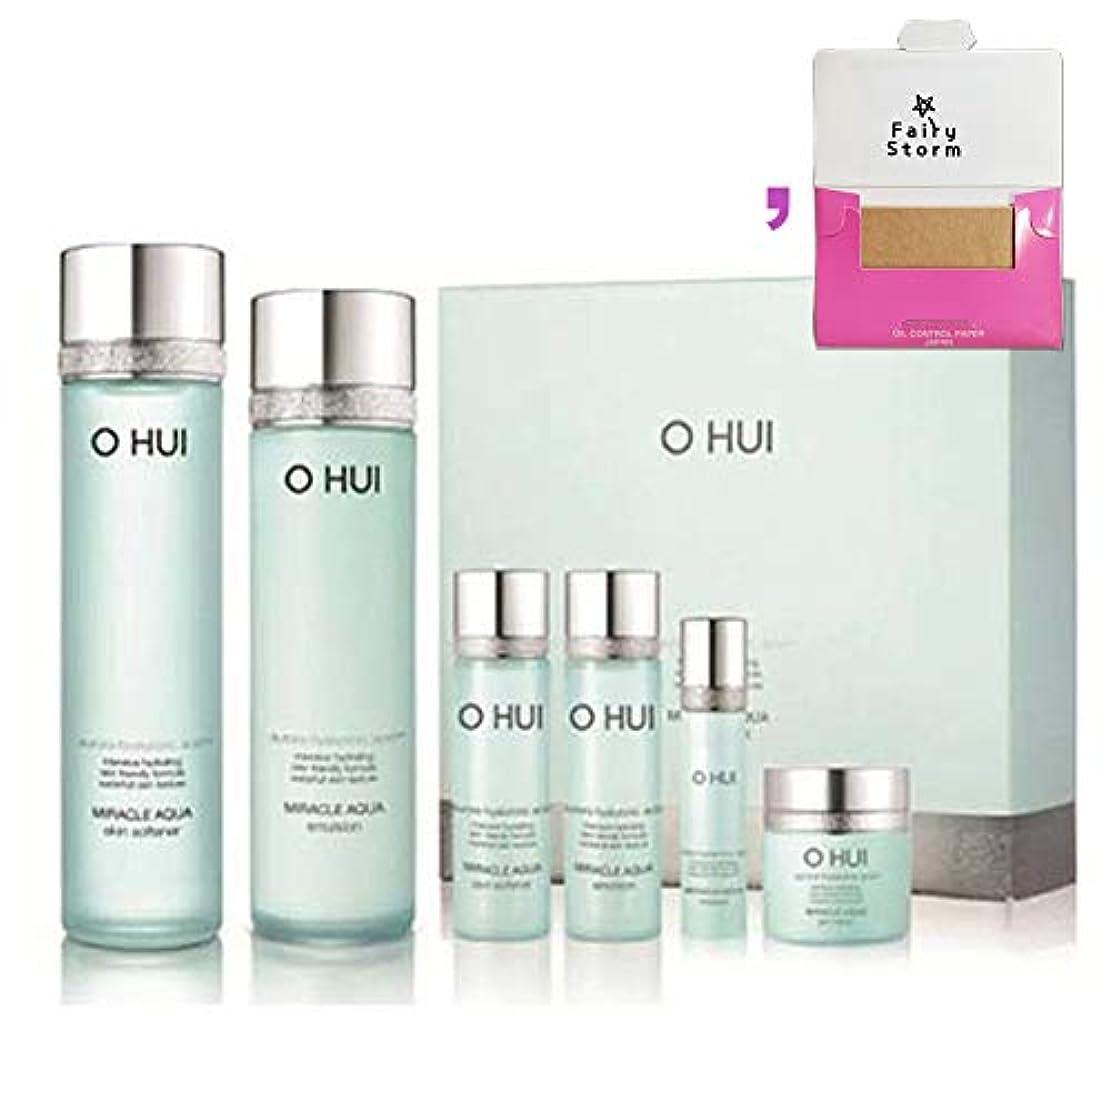 水素する必要がある具体的に[オフィ/O HUI]韓国化粧品LG生活健康/O HUI MIRACLE AQUA SPECIAL 2EA SET/ミラクルアクア 2種セット+[Sample Gift](海外直送品)